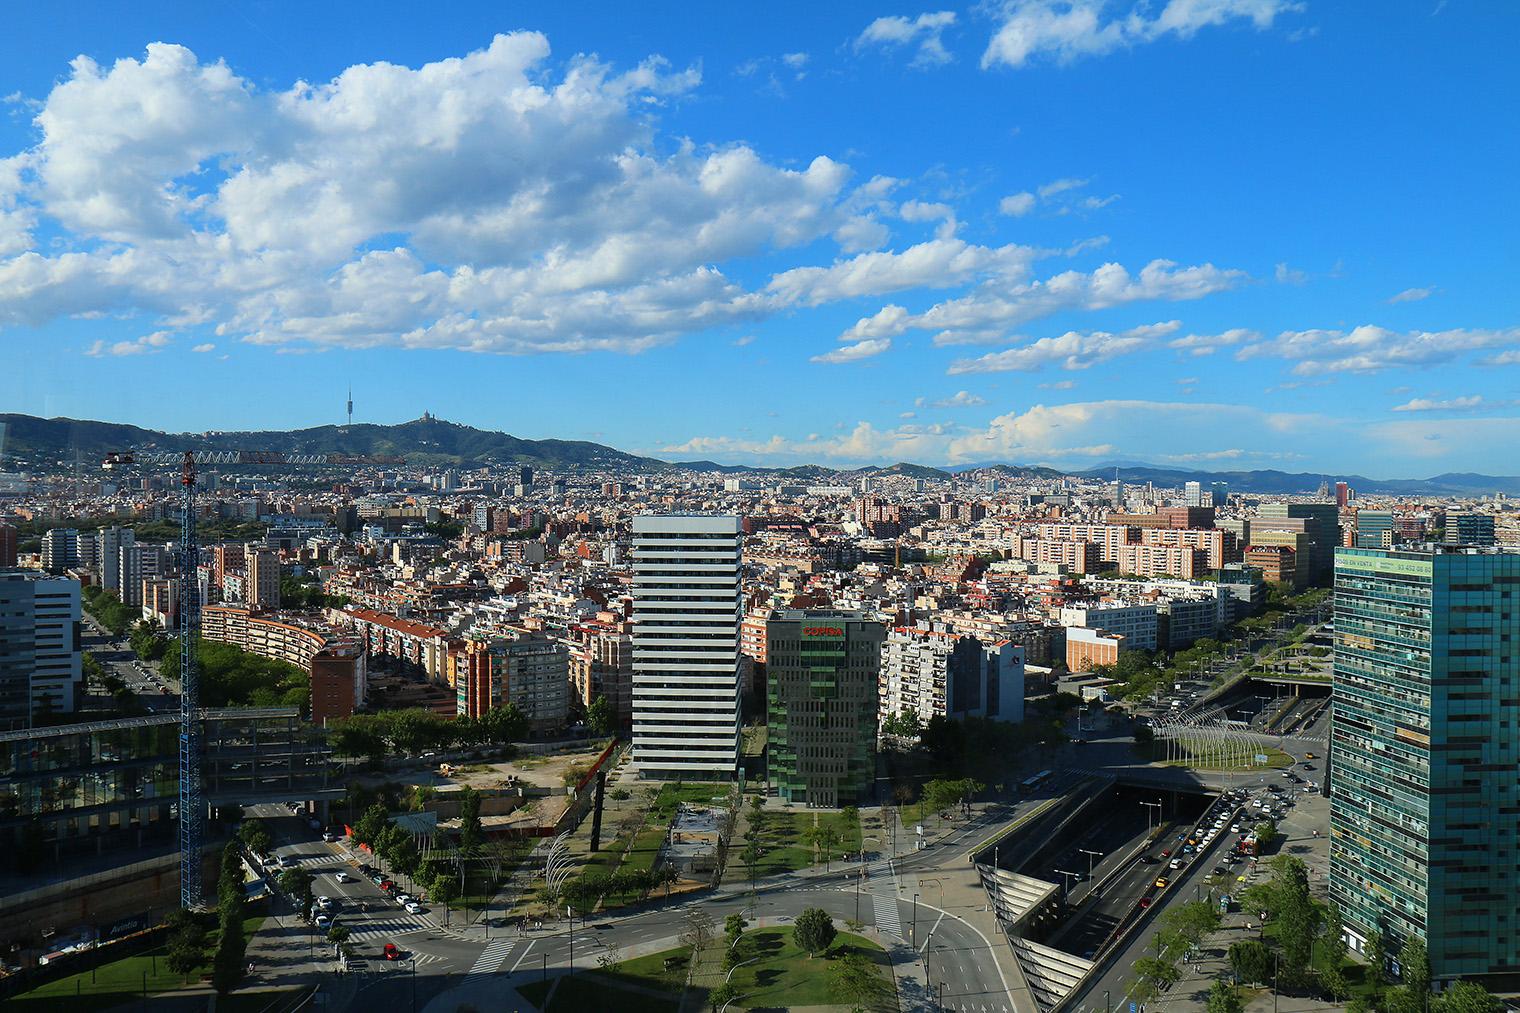 Vue des bureaux de dragon investors à barcelone ou la fresque a été réalisée